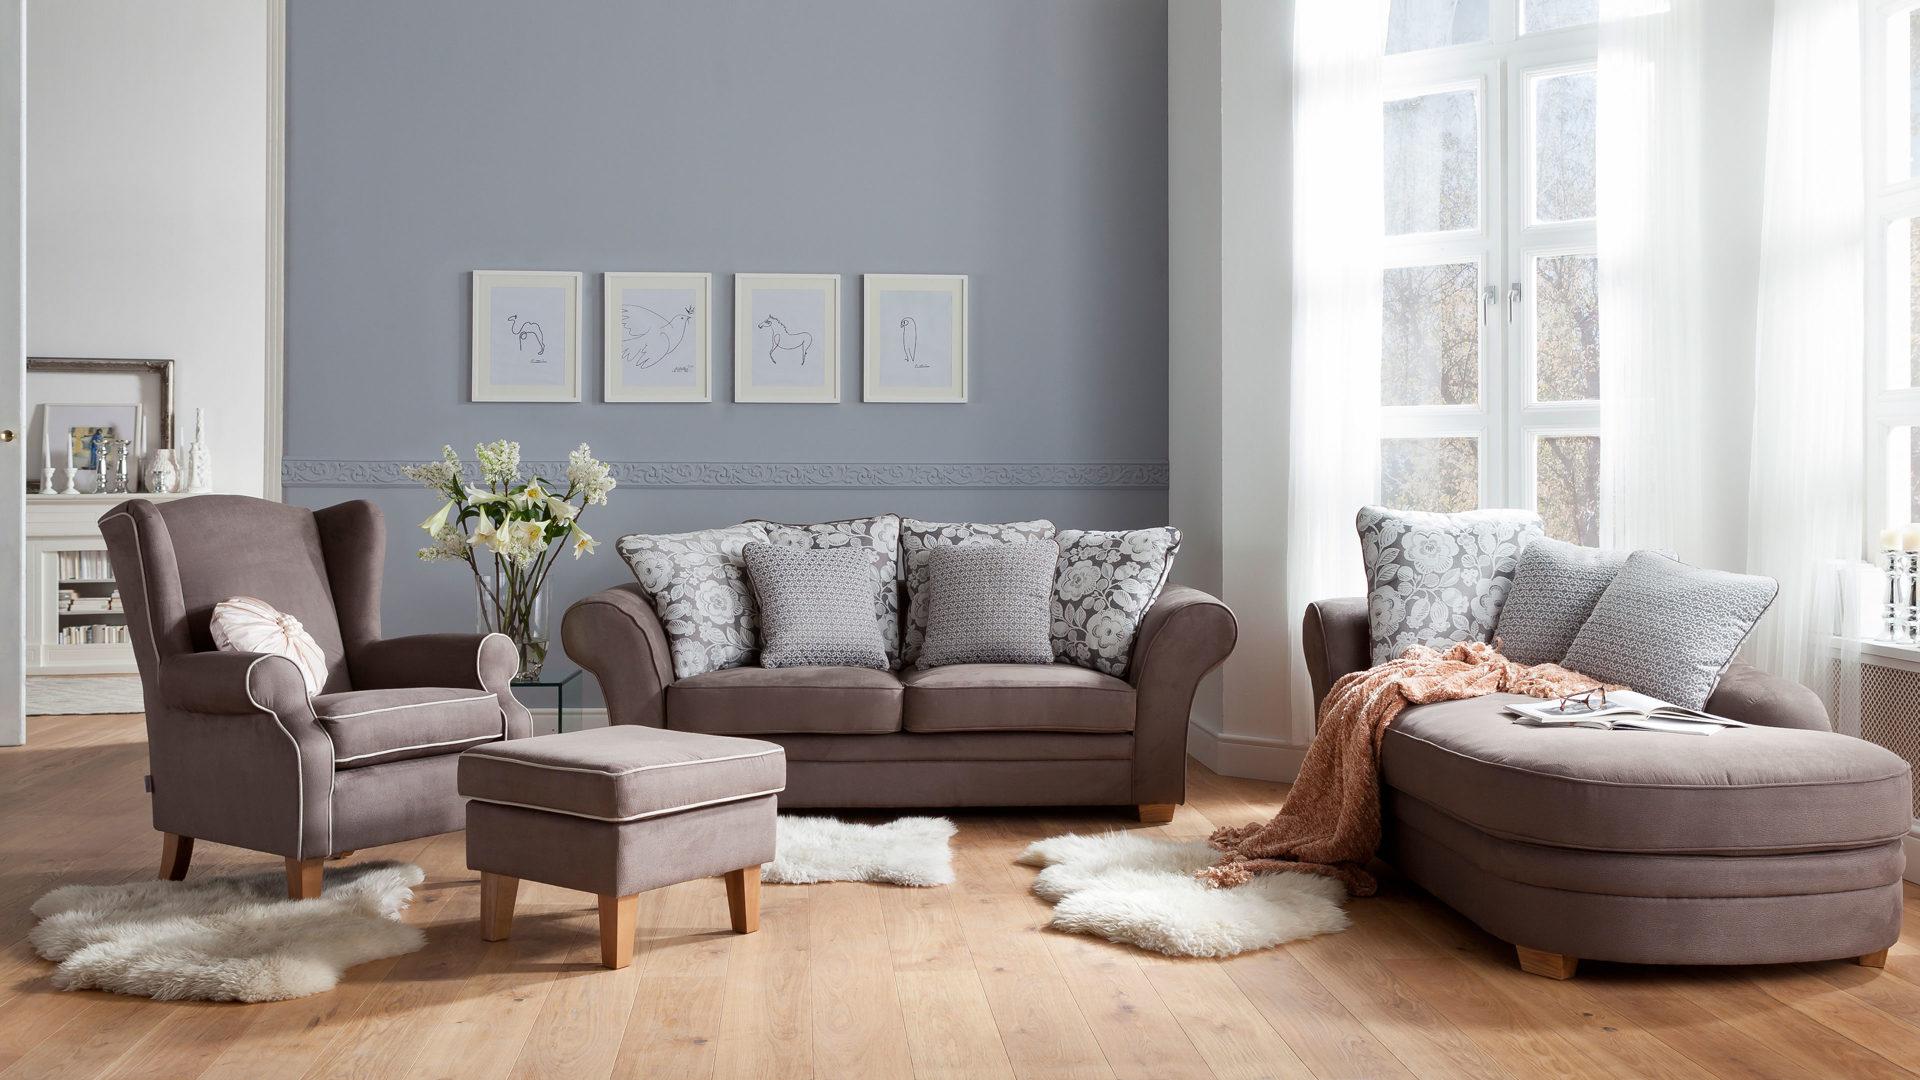 einrichtungspartner ring | räume | wohnzimmer | moderne woods ... - Moderne Landhaus Wohnzimmer